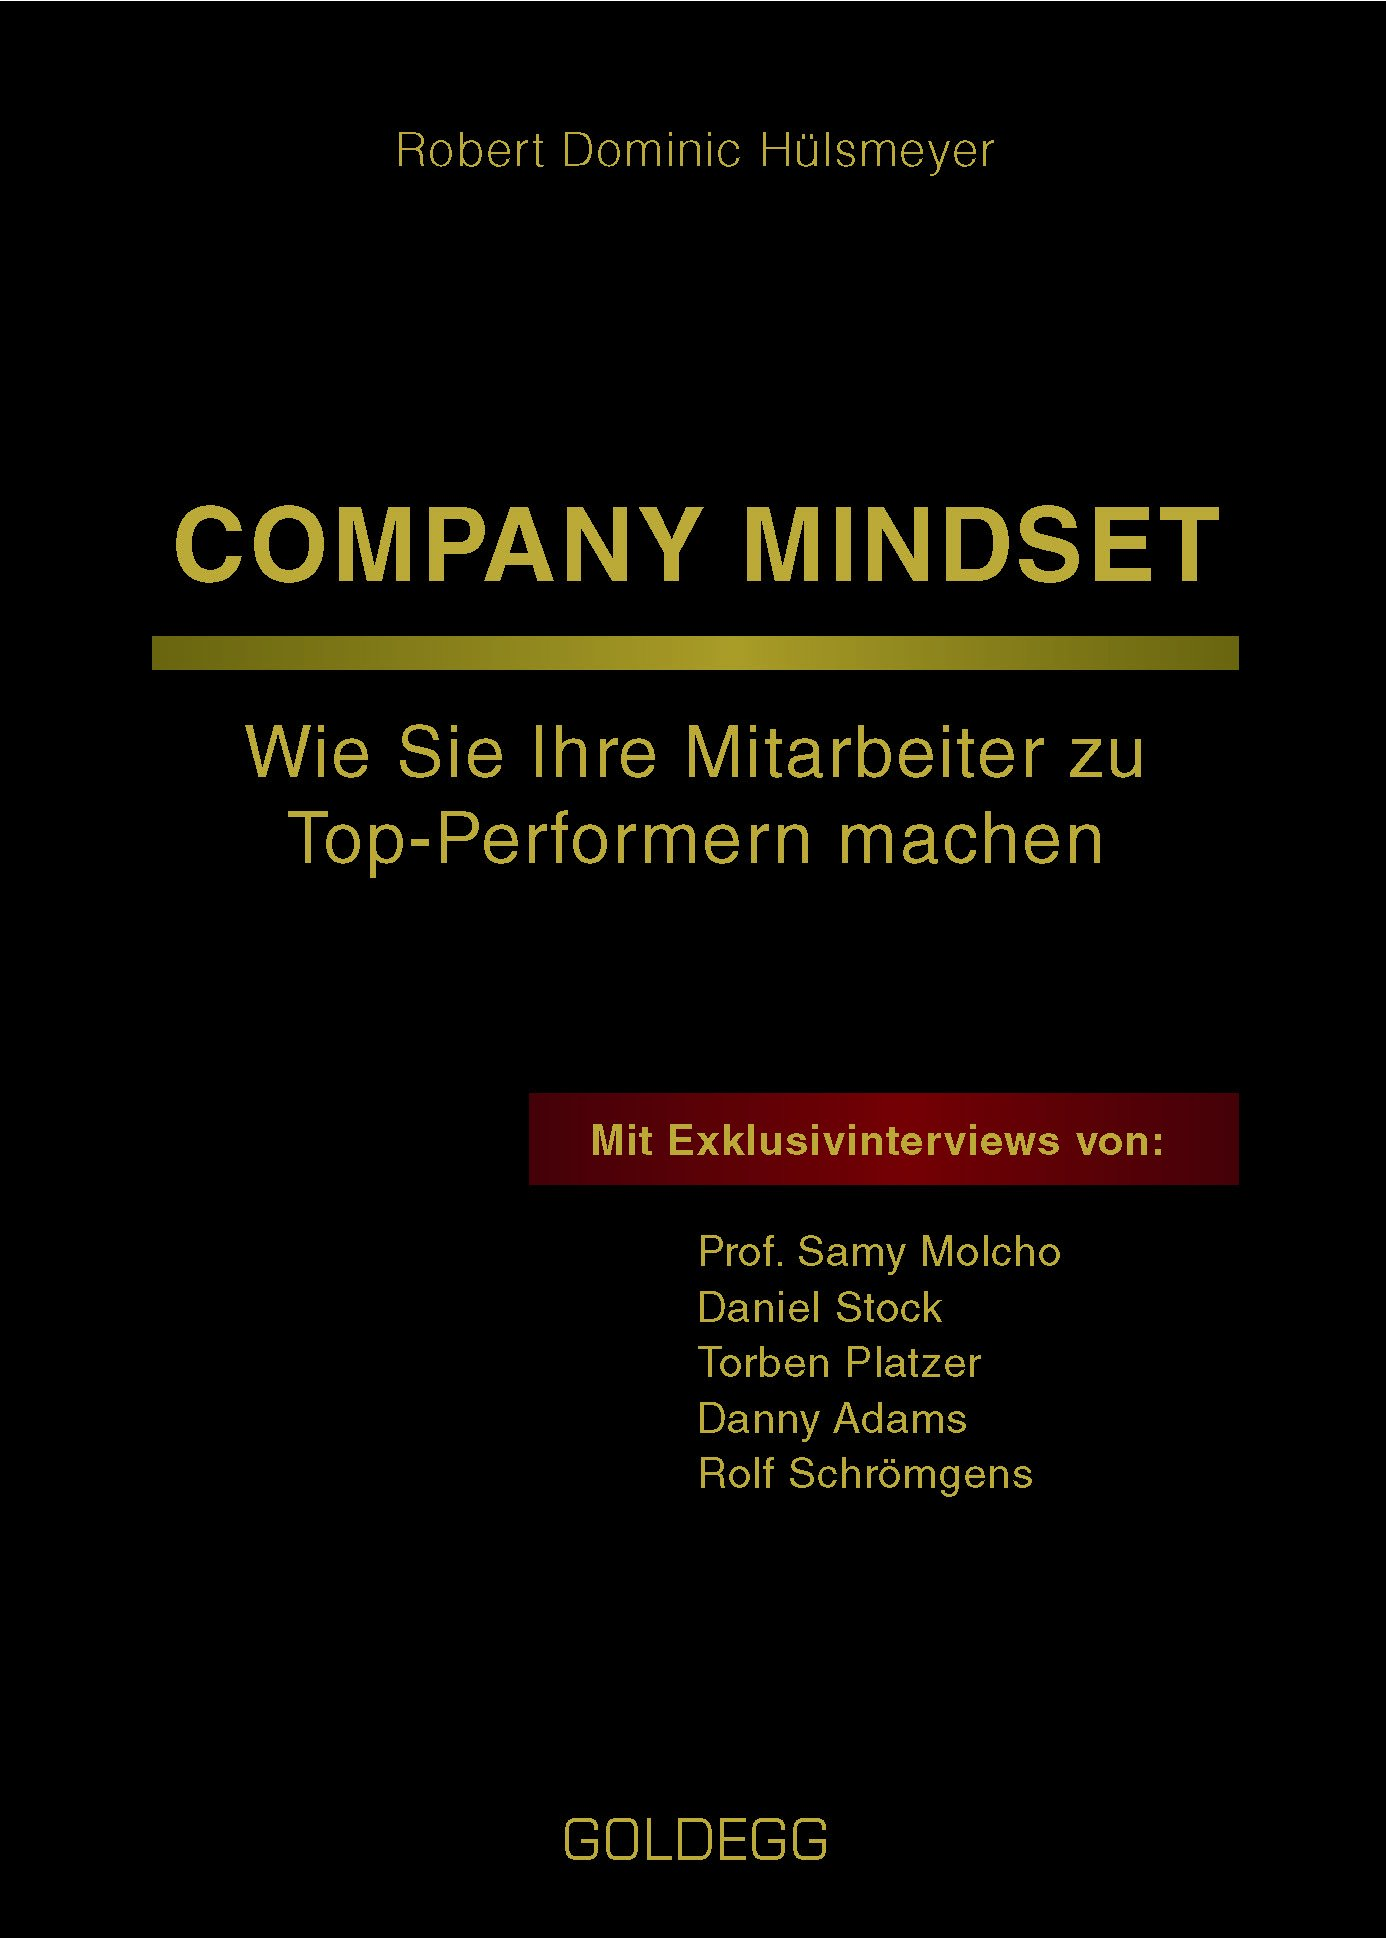 Company Mindset: Wie Sie Ihre Mitarbeiter zu Top-Performern machen Gebundenes Buch – 5. März 2018 Robert Dominic Hülsmeyer Goldegg Verlag 3990600729 Wirtschaft / Management